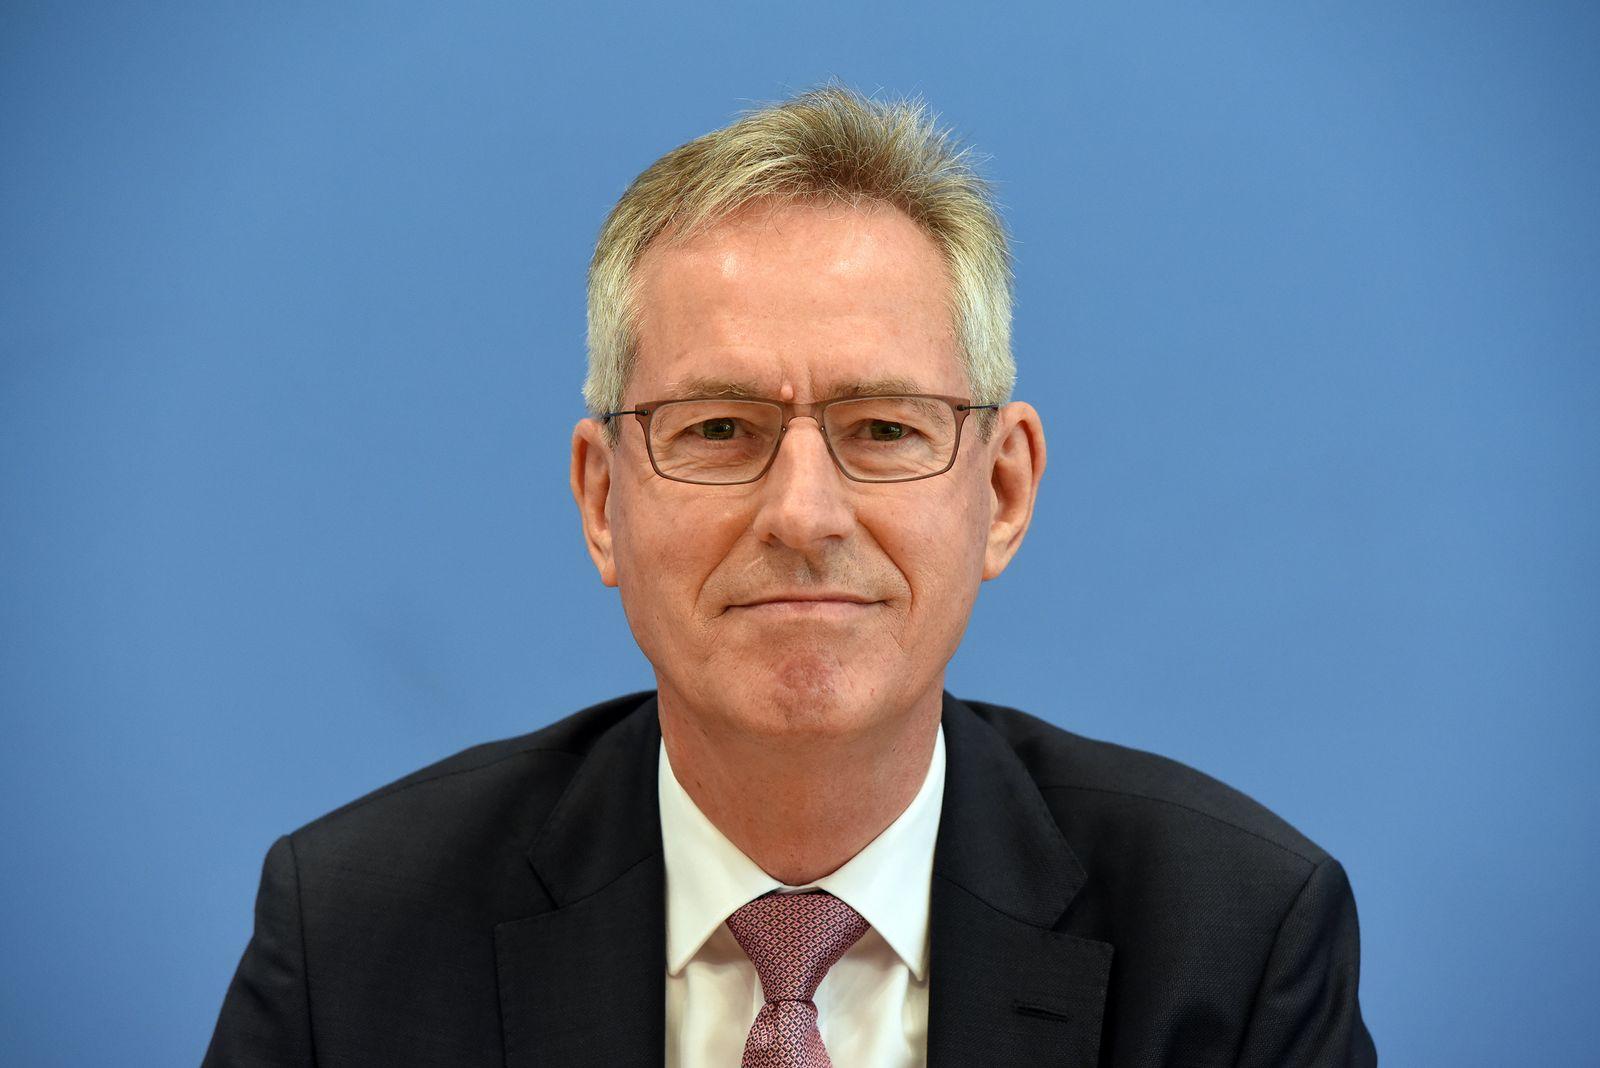 Bundeswahlleiter Dieter Sarreither